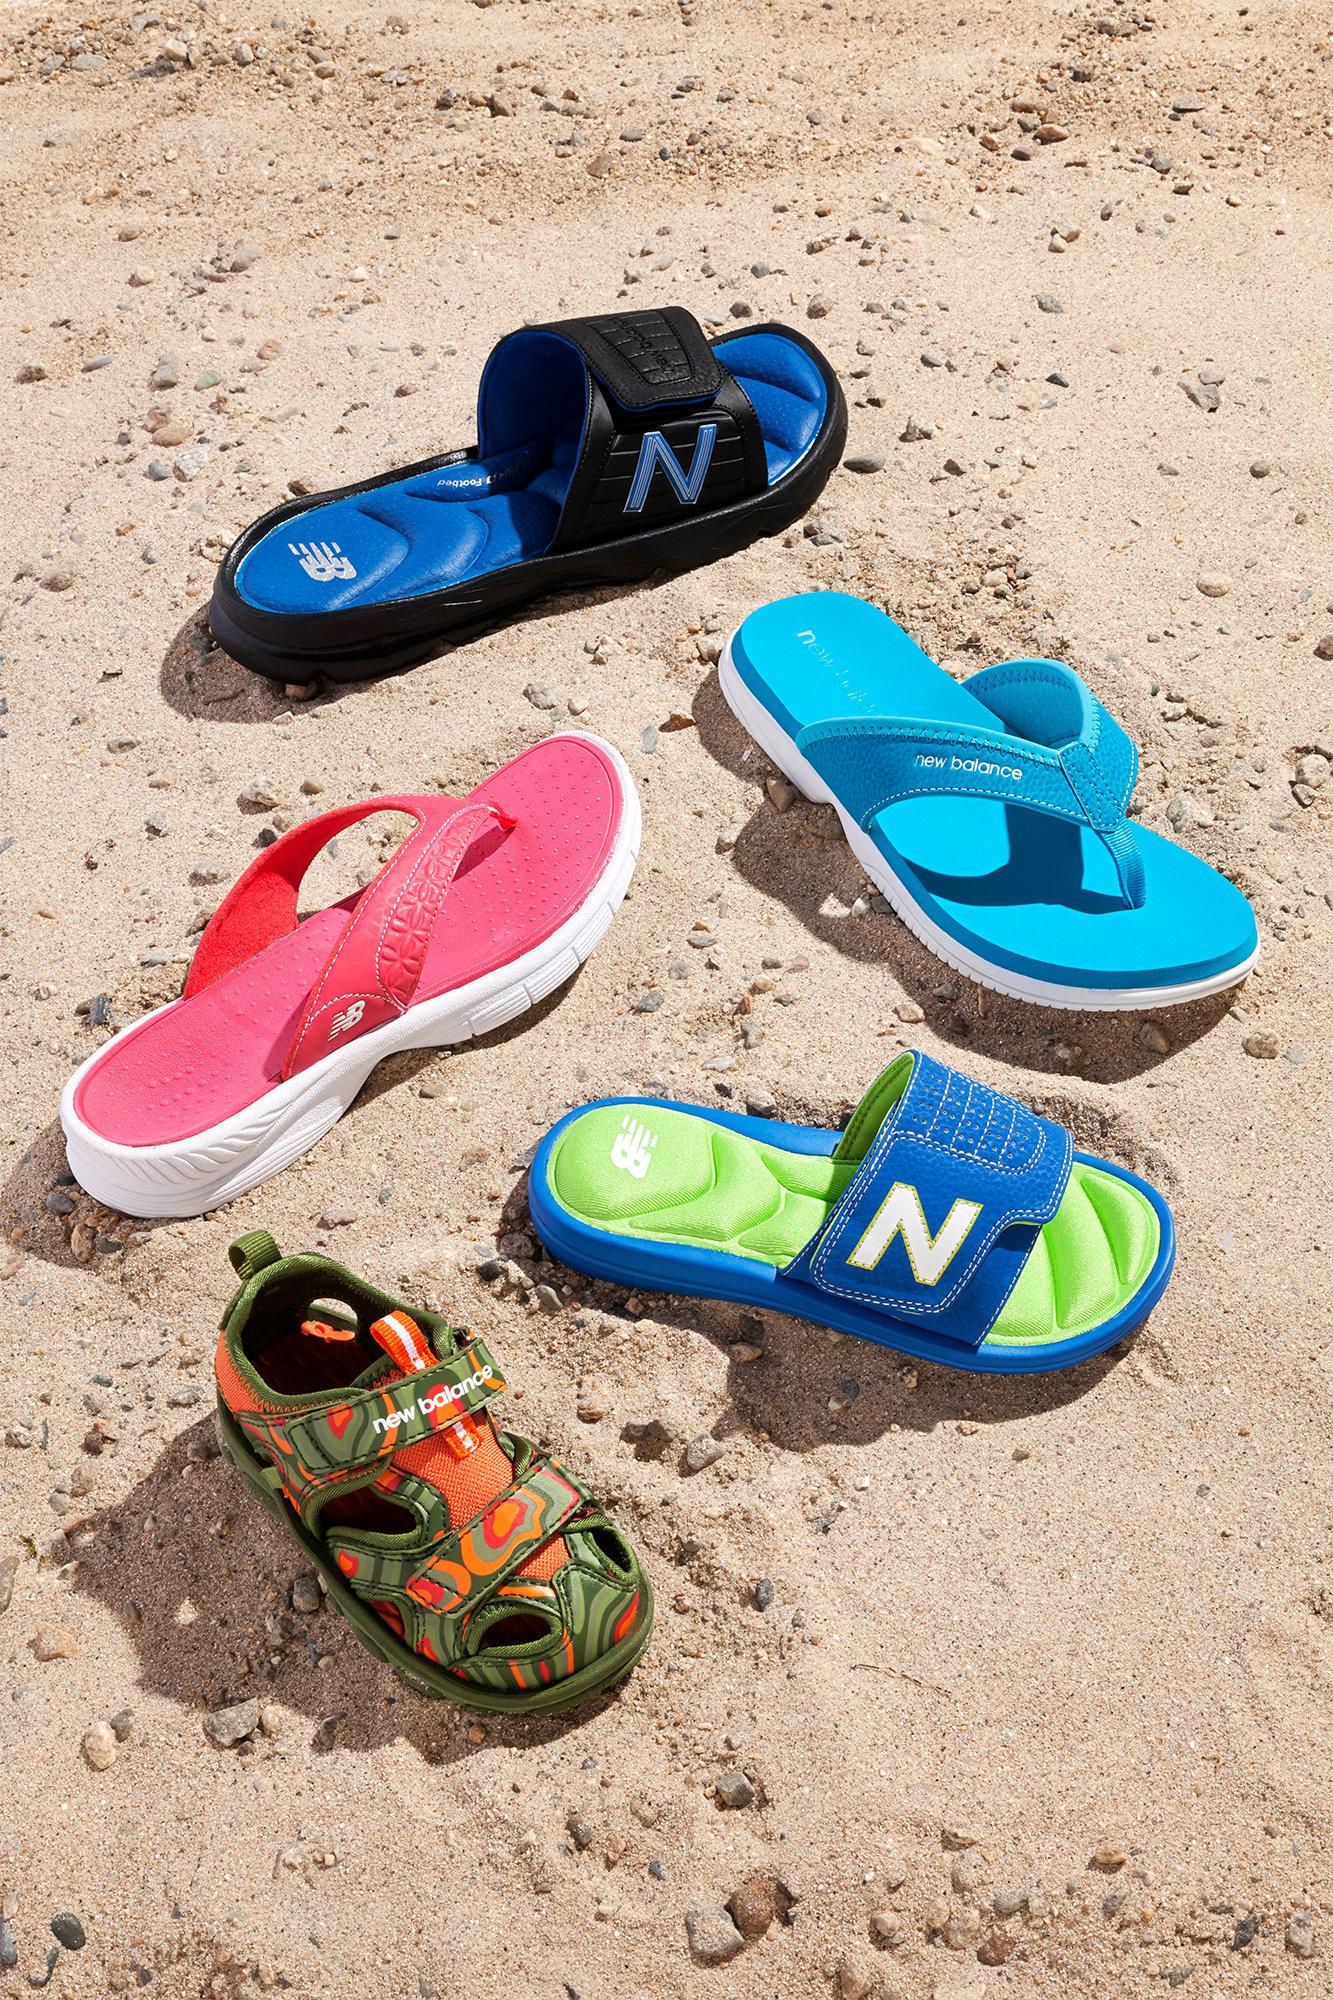 NB_2014_Q1_PHT_acc_sandals__001.jpg